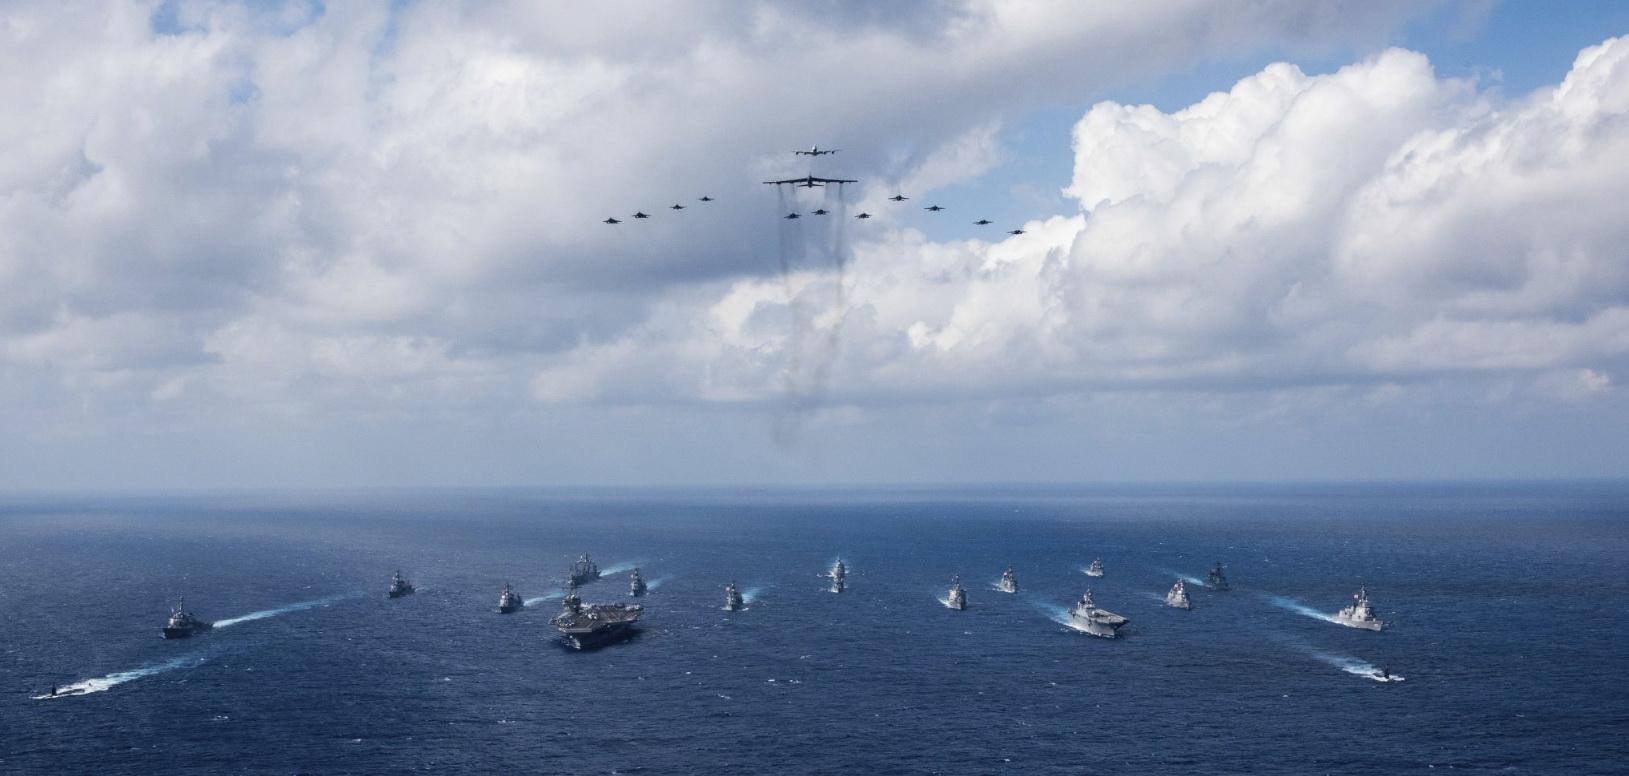 미국 인도태평양사령부는 필리핀해 인근에서 진행 중인 미일 연합훈련 '킨 소드'의 사진을 지난 9일 트위터를 통해 공개했다. [사진 미국 인도태평양사령부 트위터]